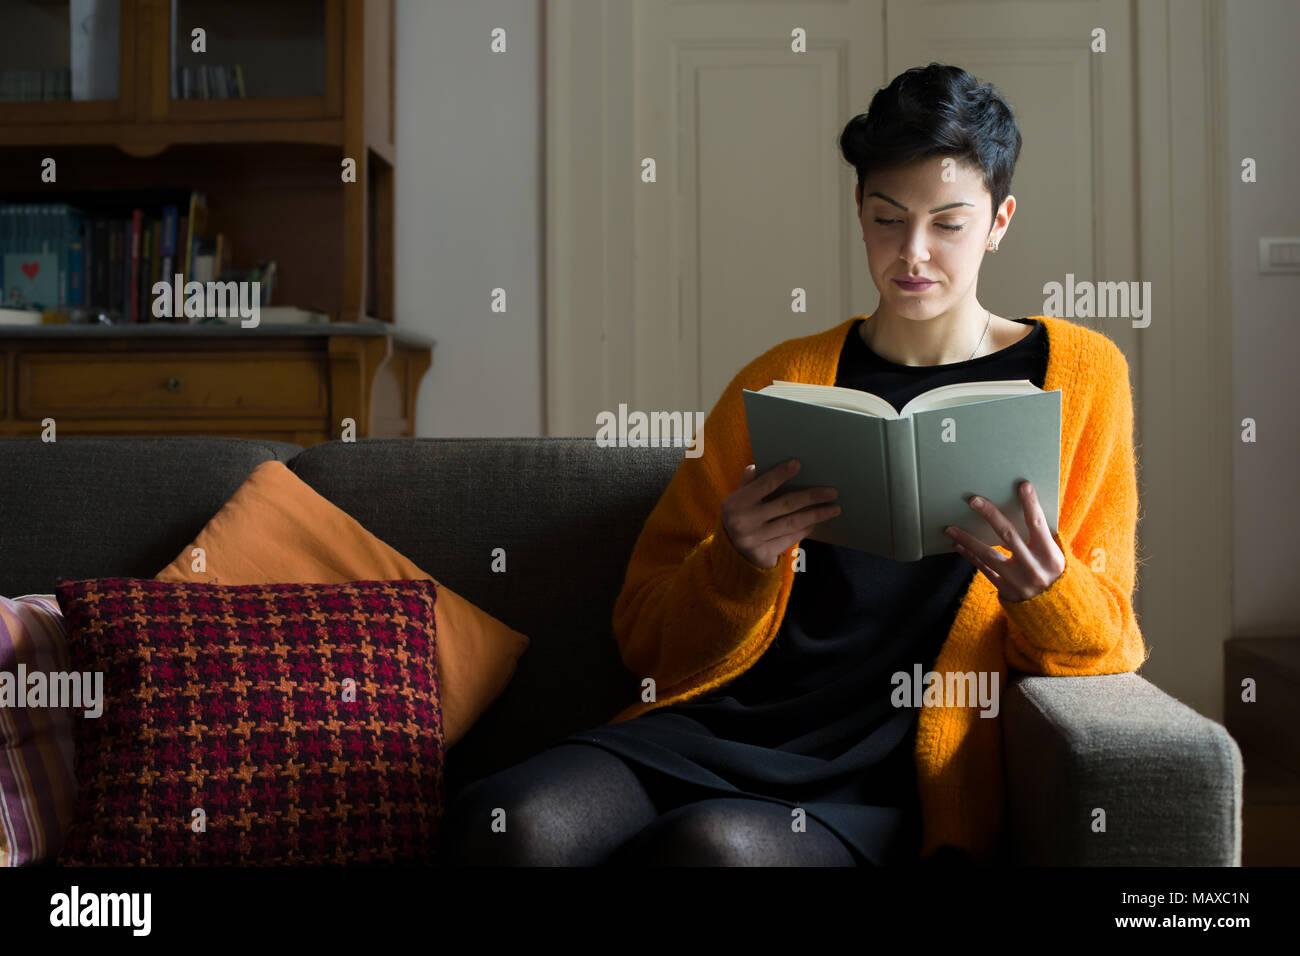 Mujer con pelo corto de leer un libro sobre un sofá Imagen De Stock